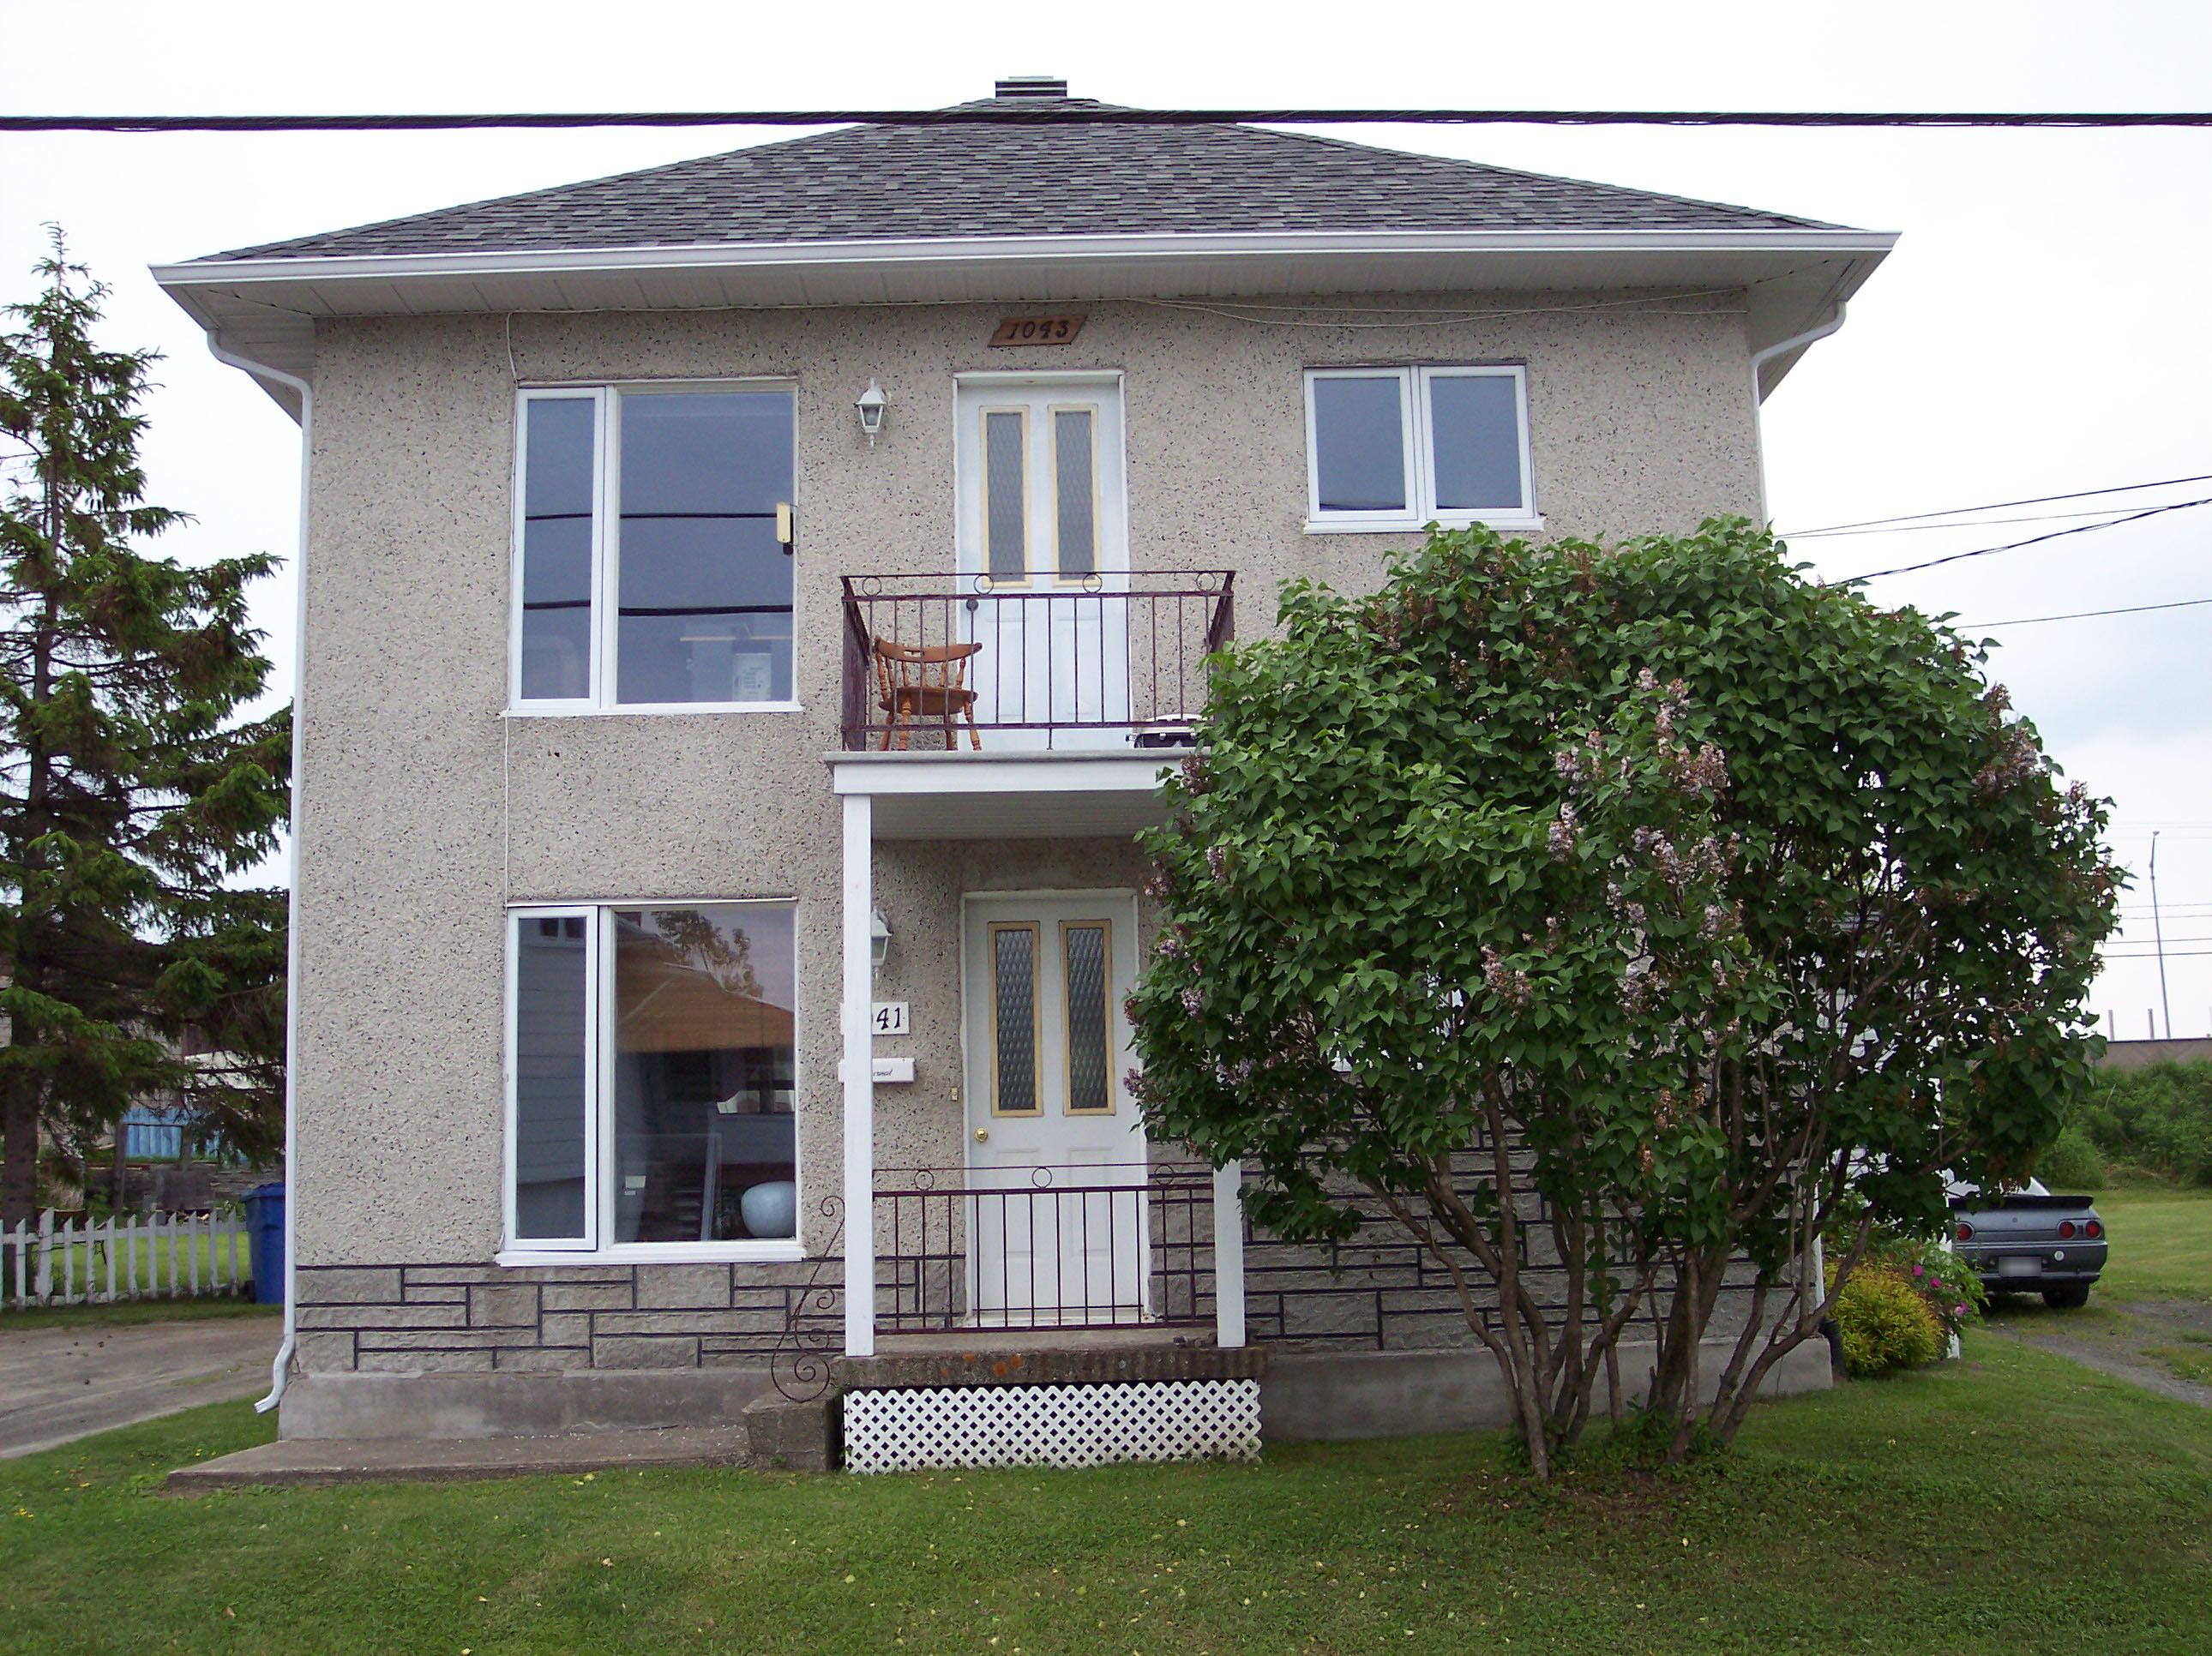 1256 - 1041-1043, rue du Parc